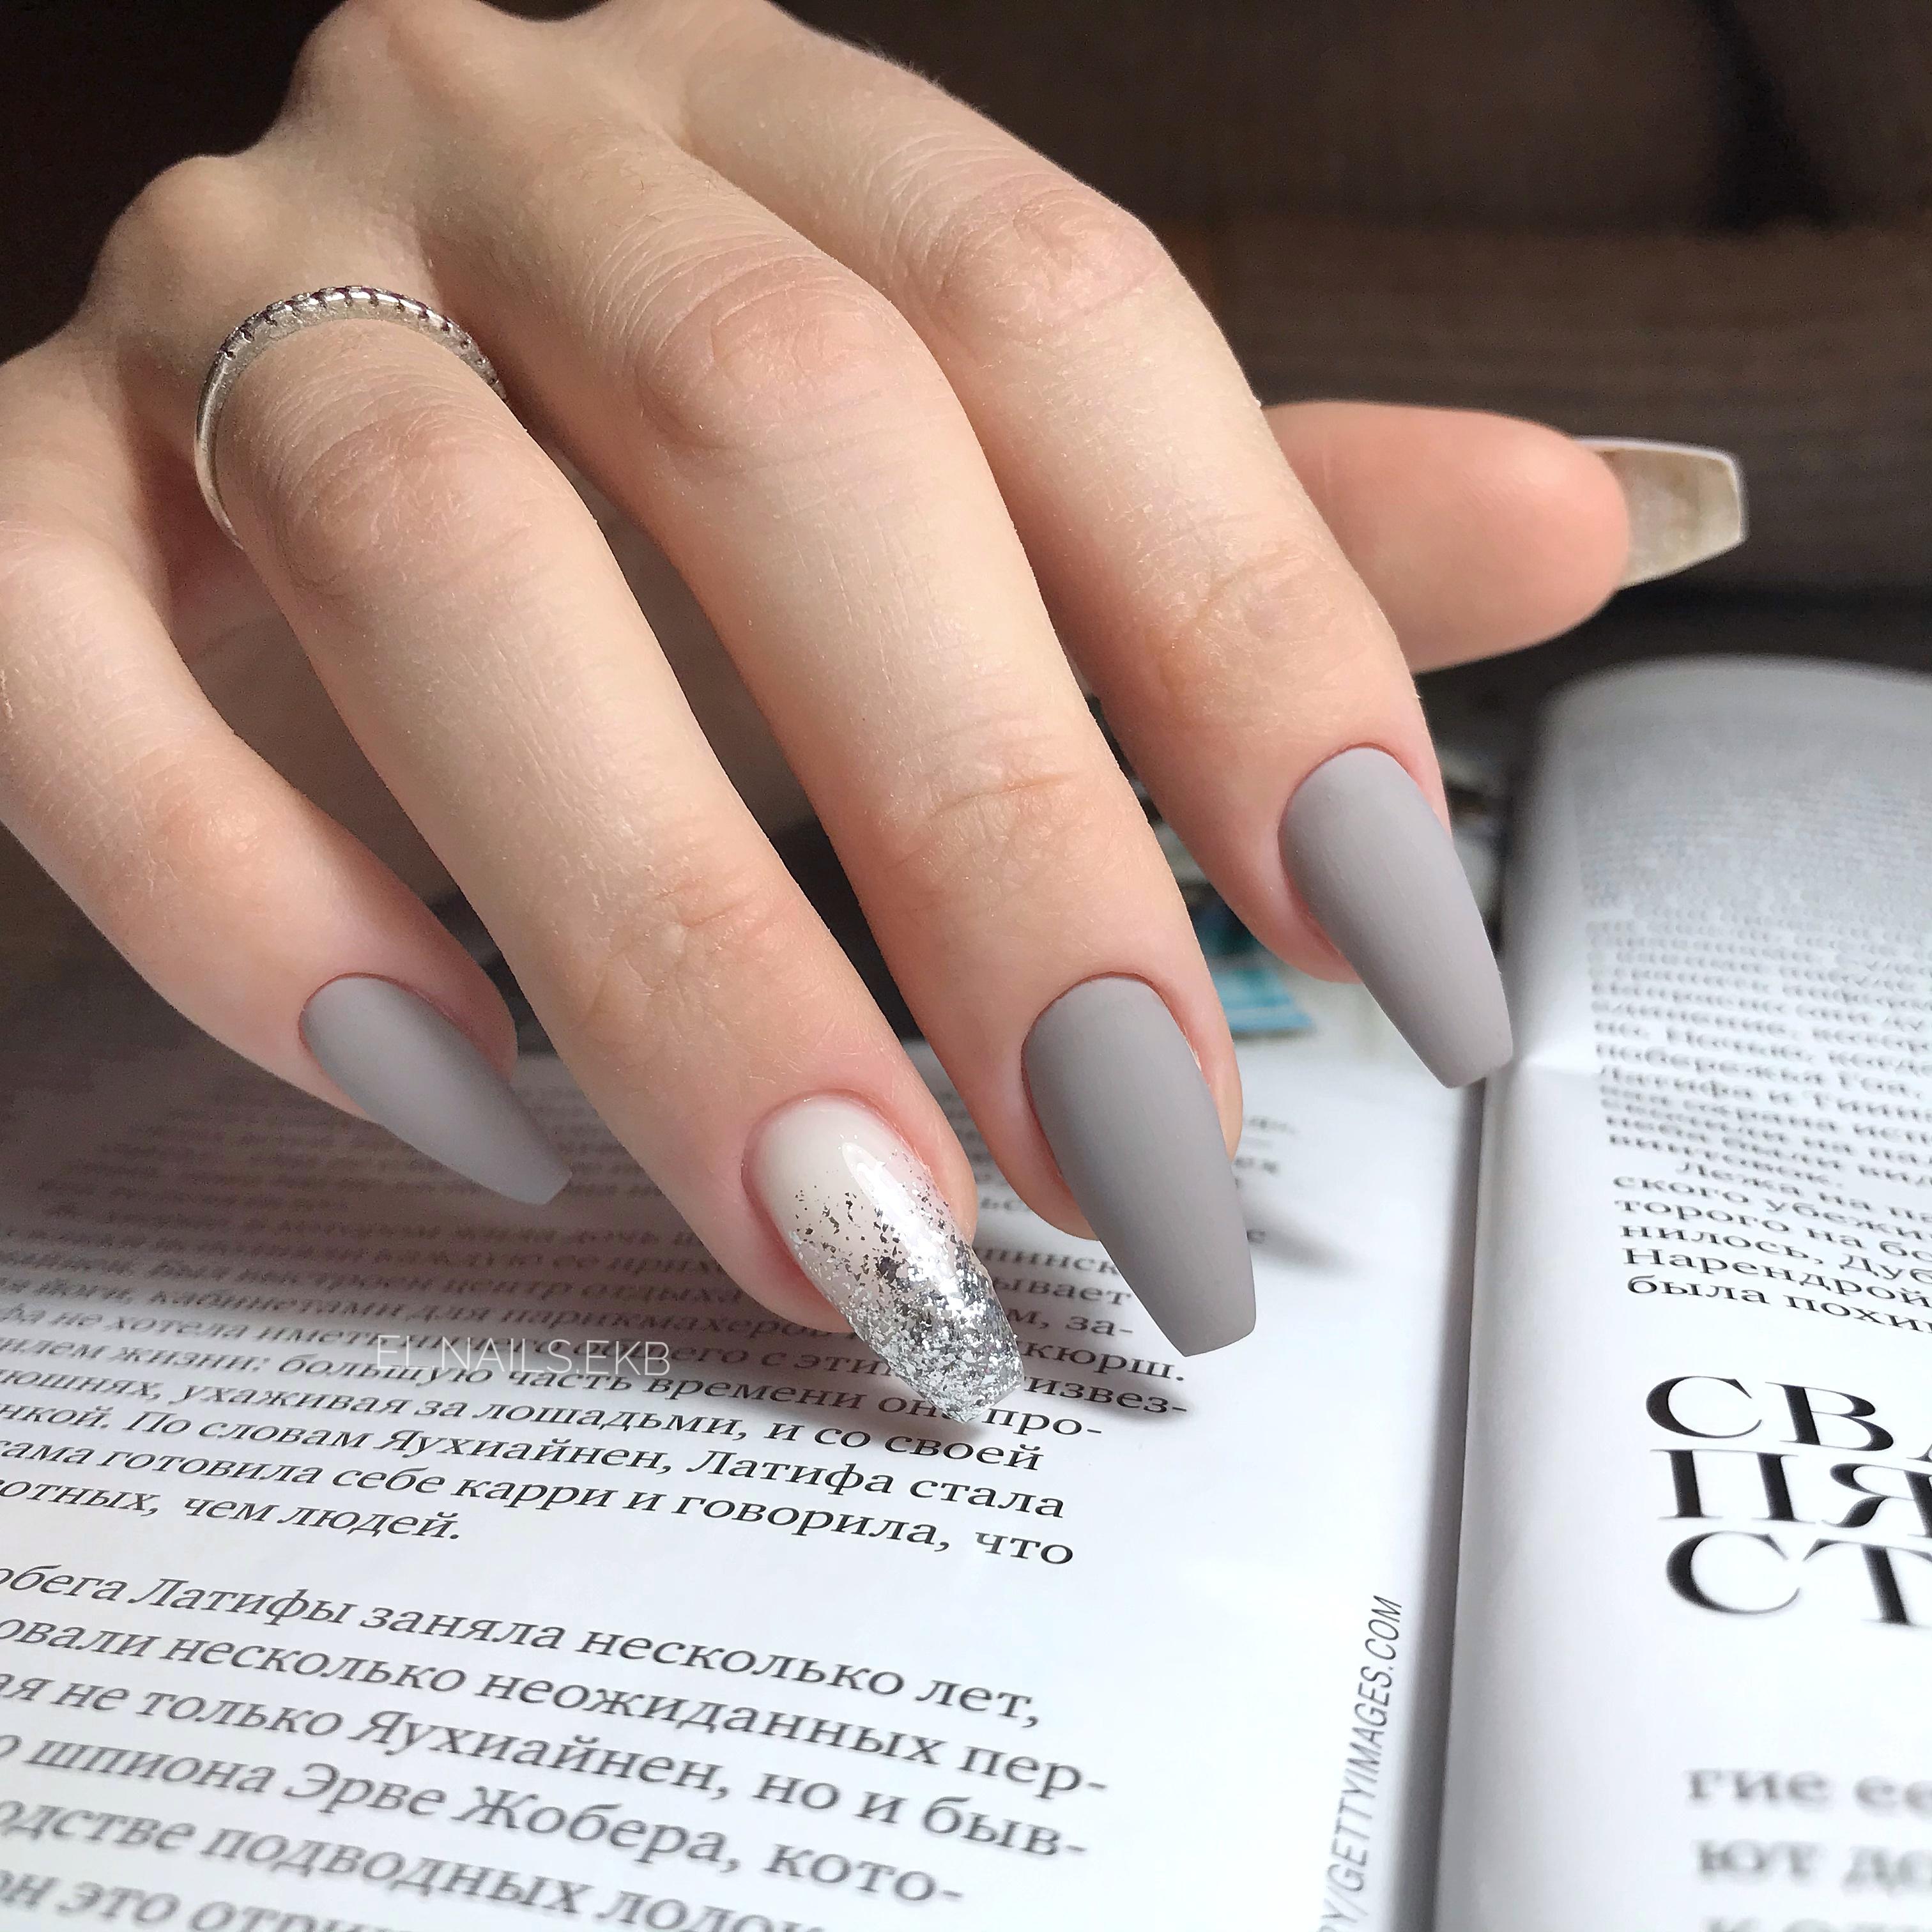 Матовый маникюр с серебряными блестками в сером цвете на длинные ногти.